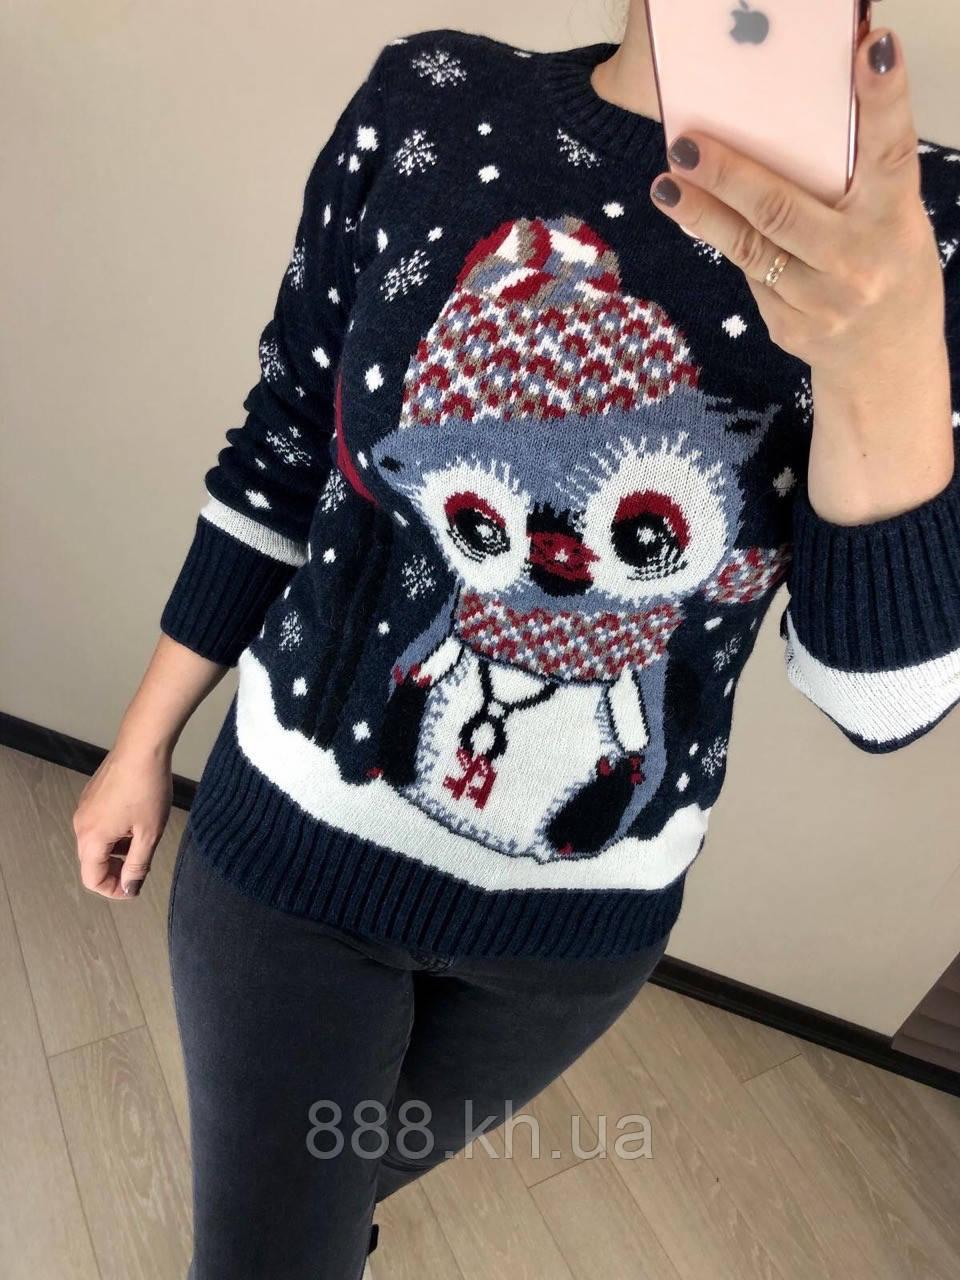 Невероятно теплый шерстяной праздничный женский свитер с пингвином (вязка)